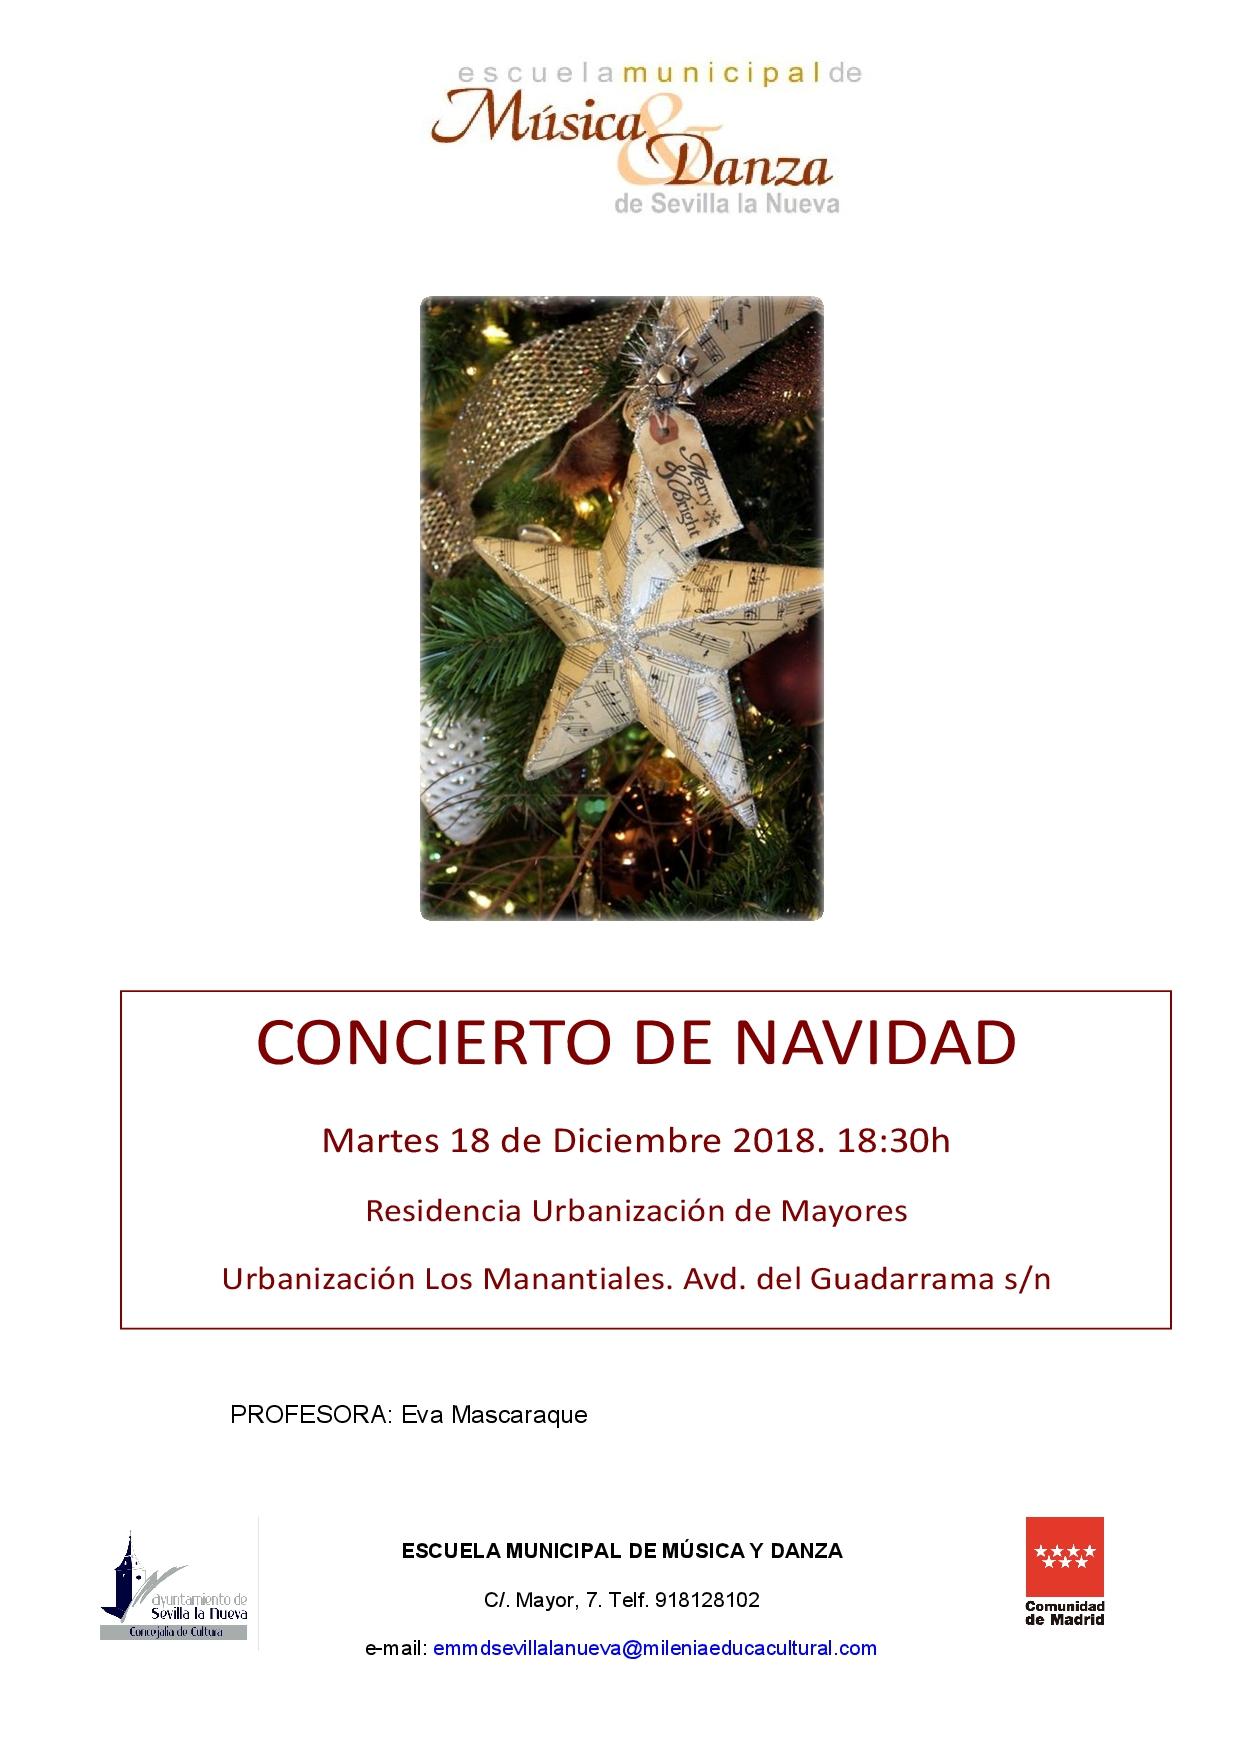 FESTIVAL DE NAVIDAD – Alumnas/os danza de la EMMD @ Urbanización de Mayores